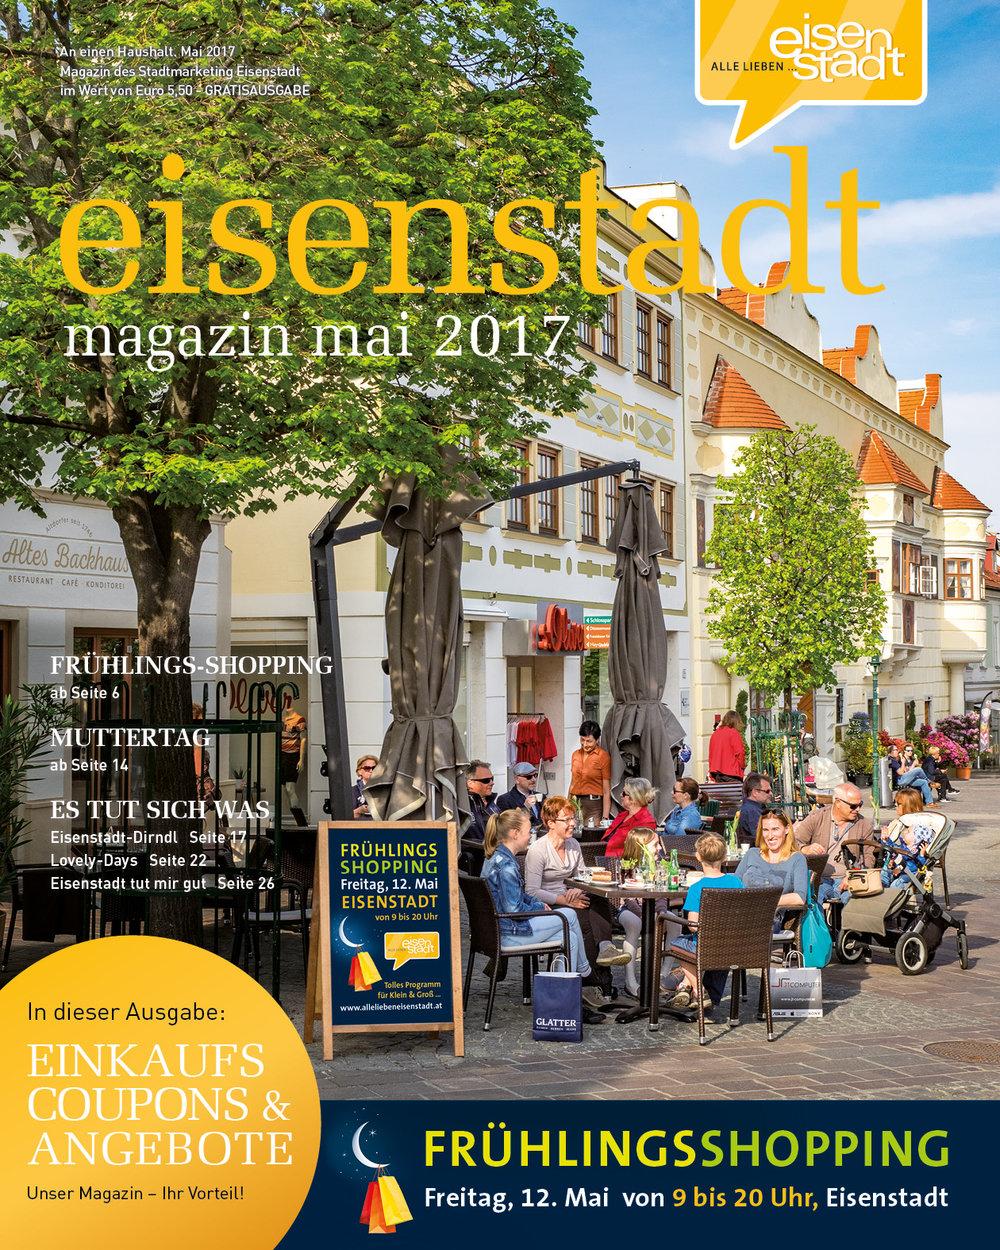 Eisenstadt_Magazin_Ansicht.jpg